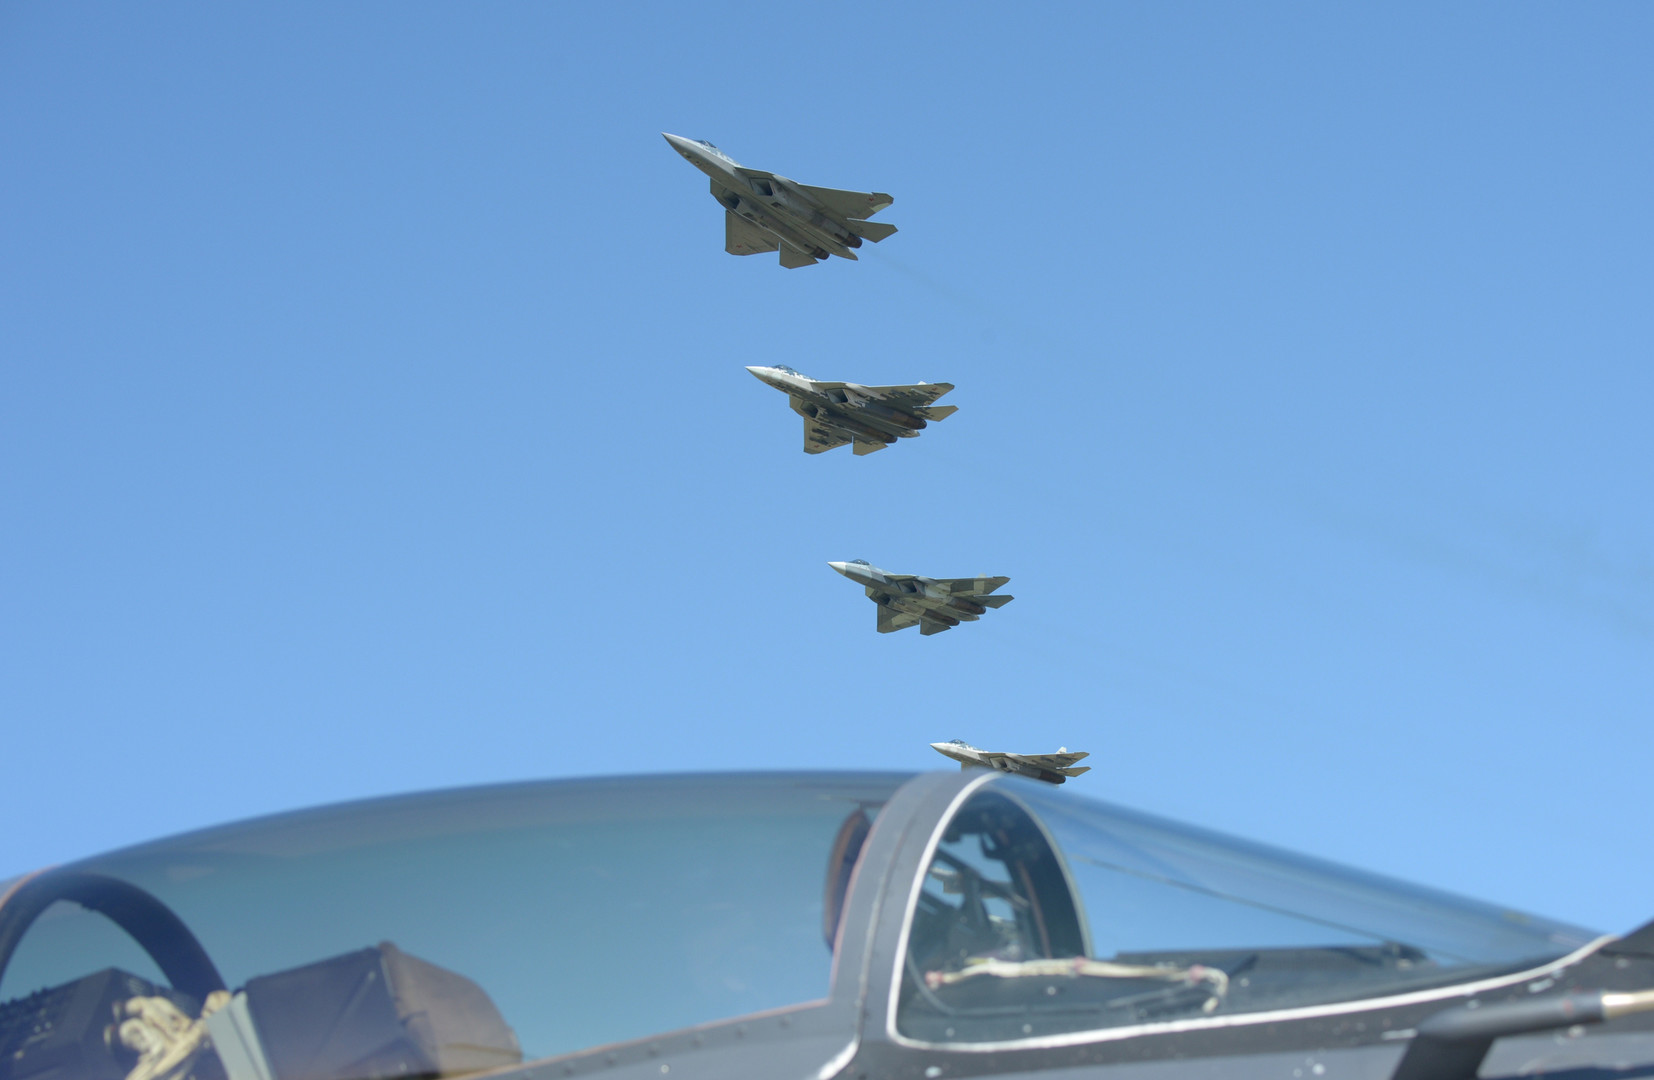 روسيا والصين ستحرسان المجال الجوي فوق المحيط الهادئ